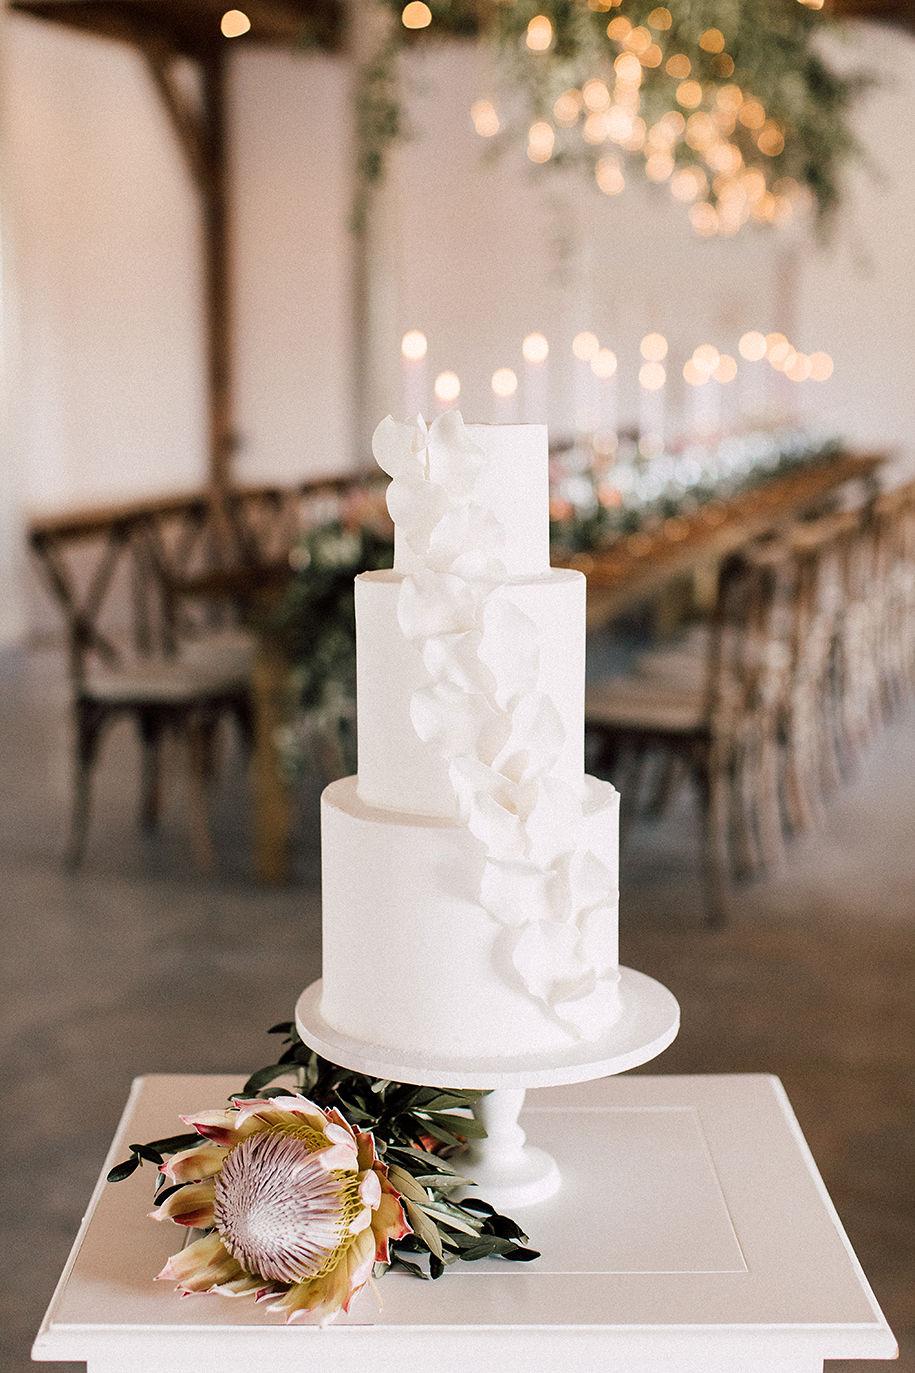 Die Hochzeitstorte in der Hochzeitslocation präsentieren